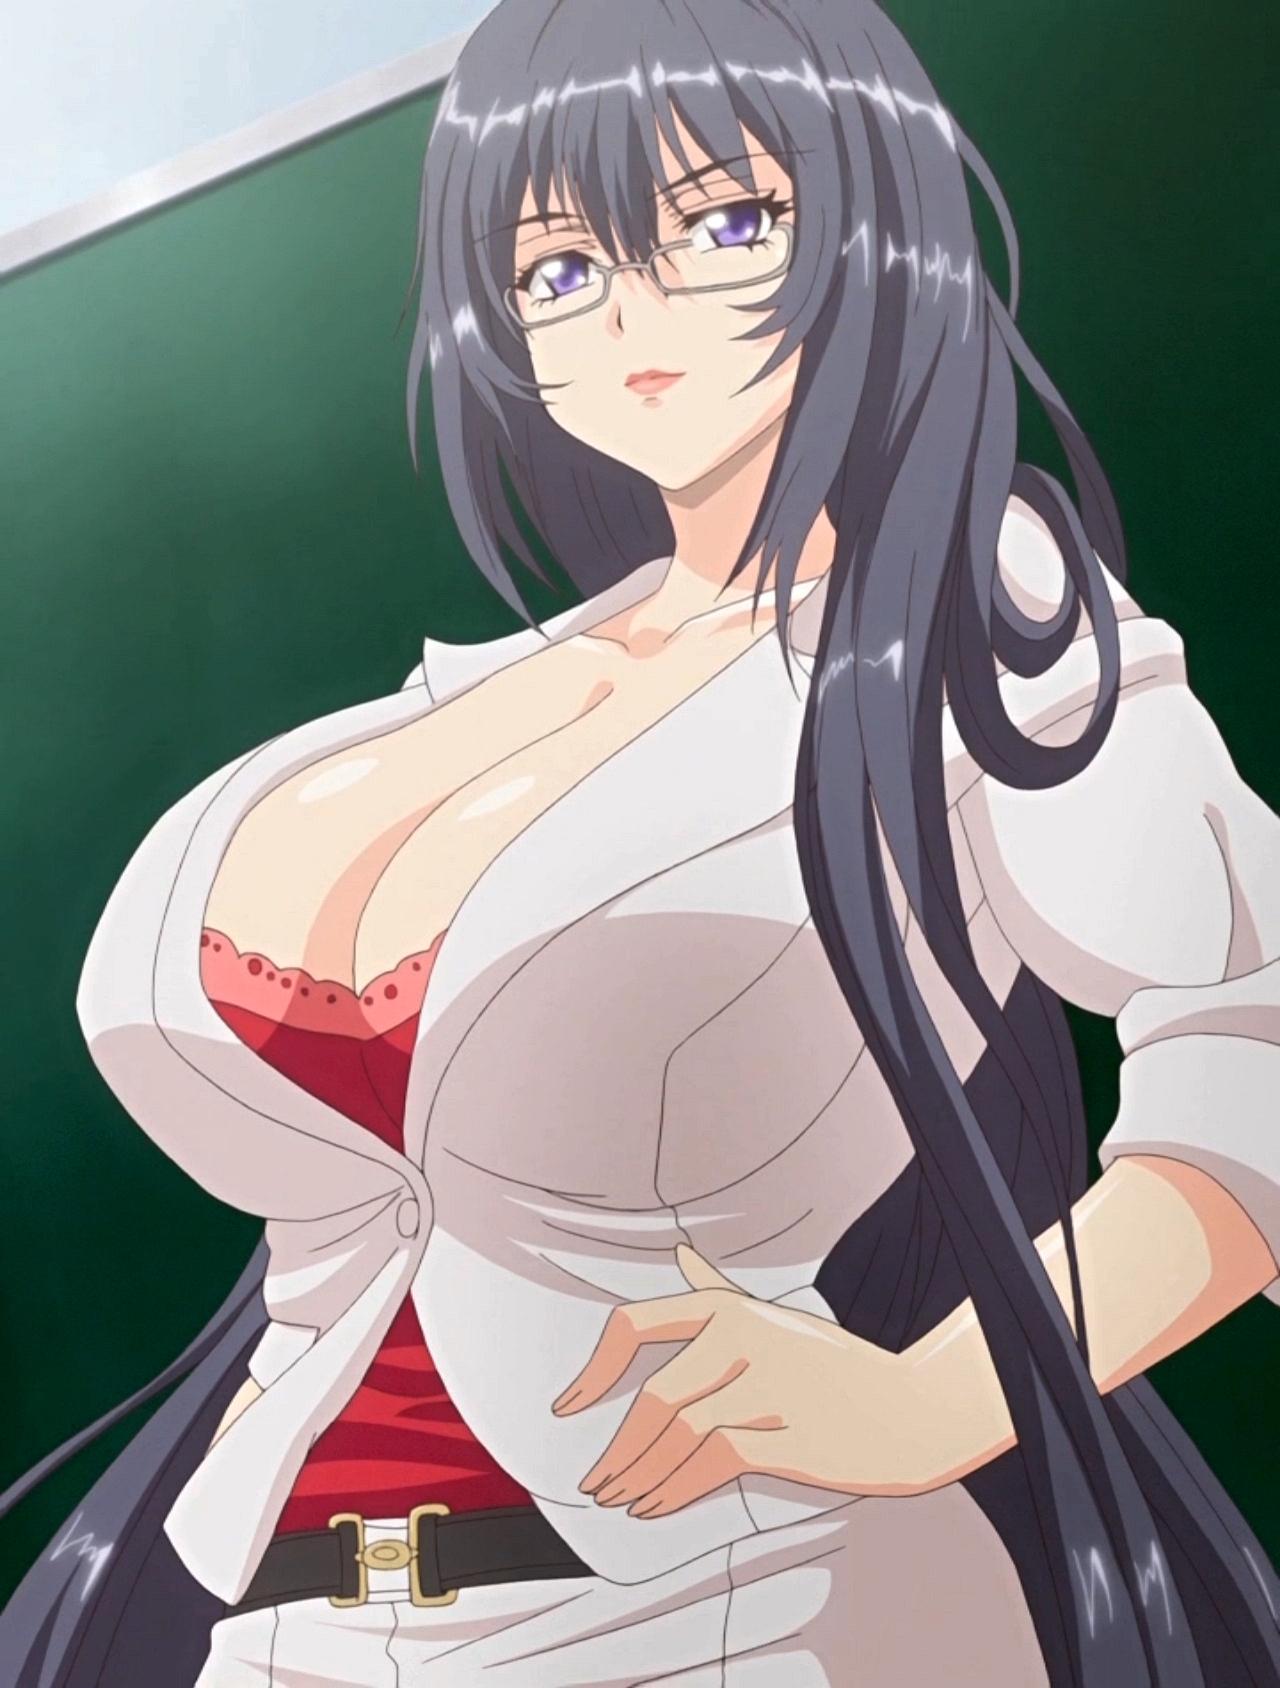 saimin class: joshi zenin, shiranai uchi ni ninshin shitemashita